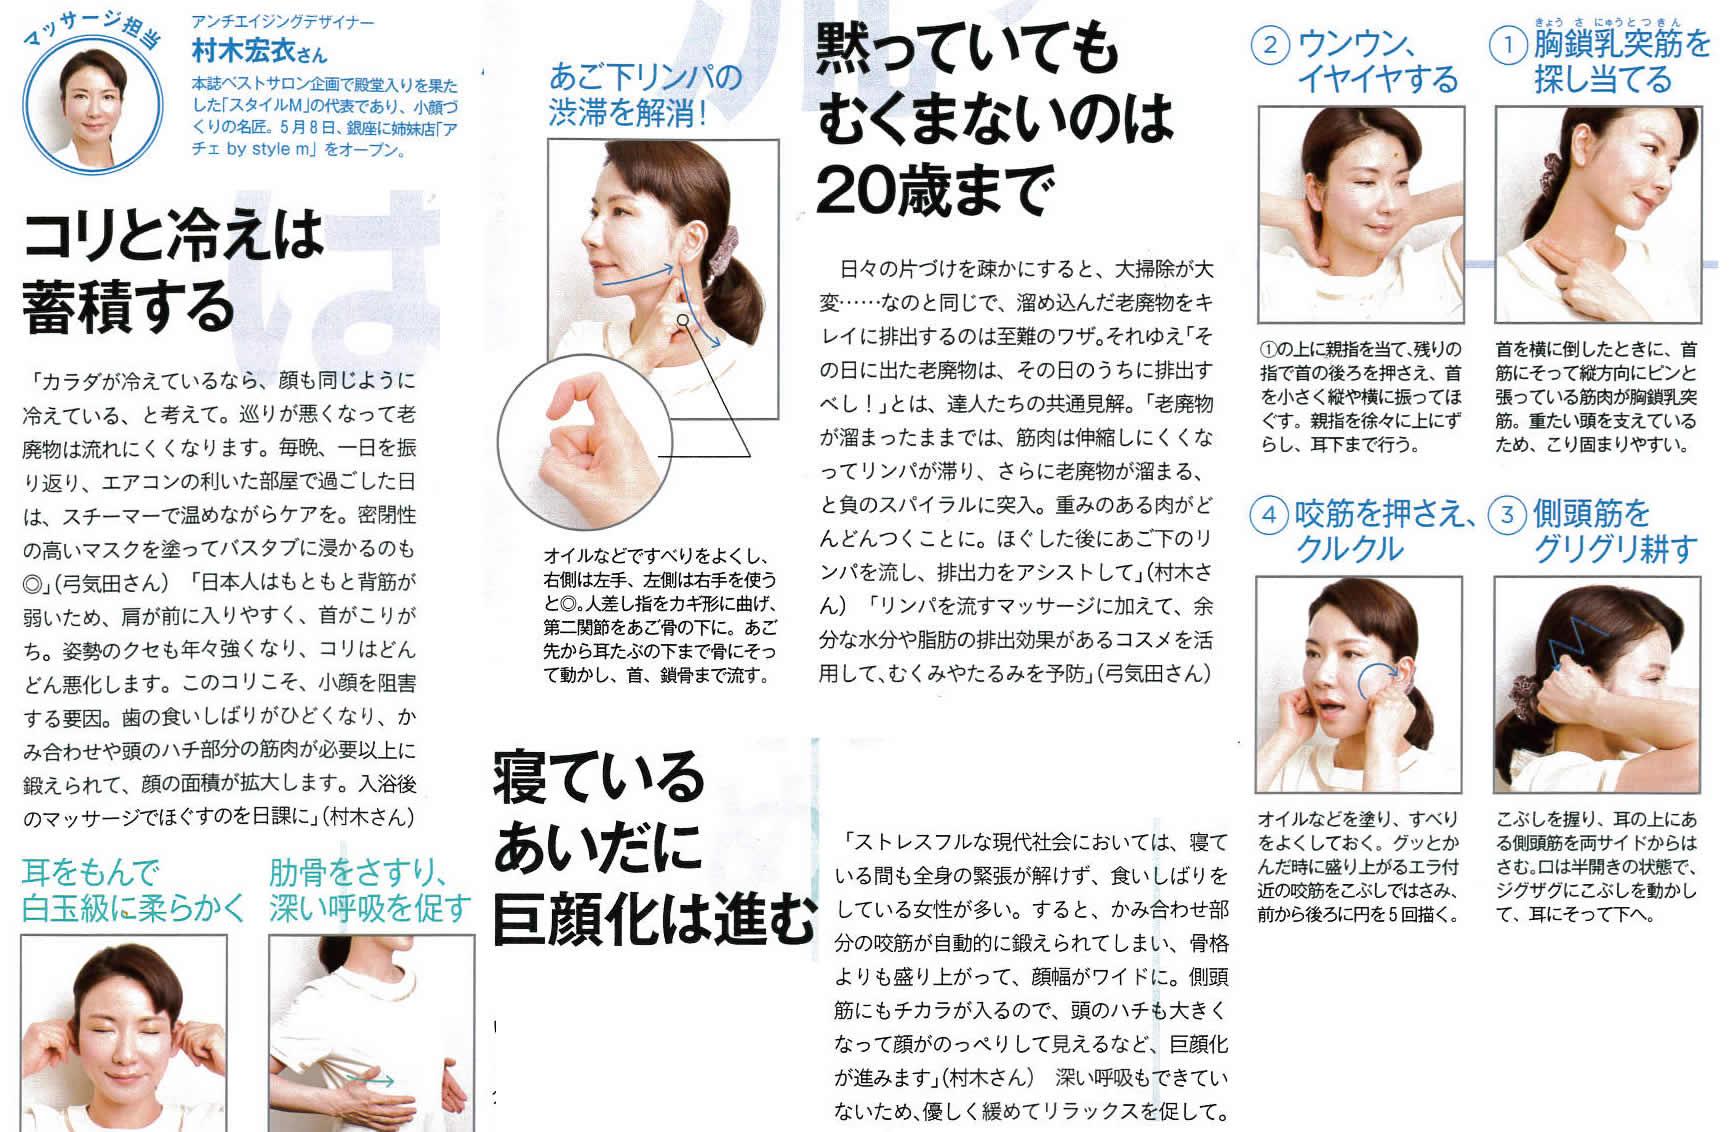 小顔ケアの絶対ルール7で村木さん、電気バリブラシを掲載いただきました